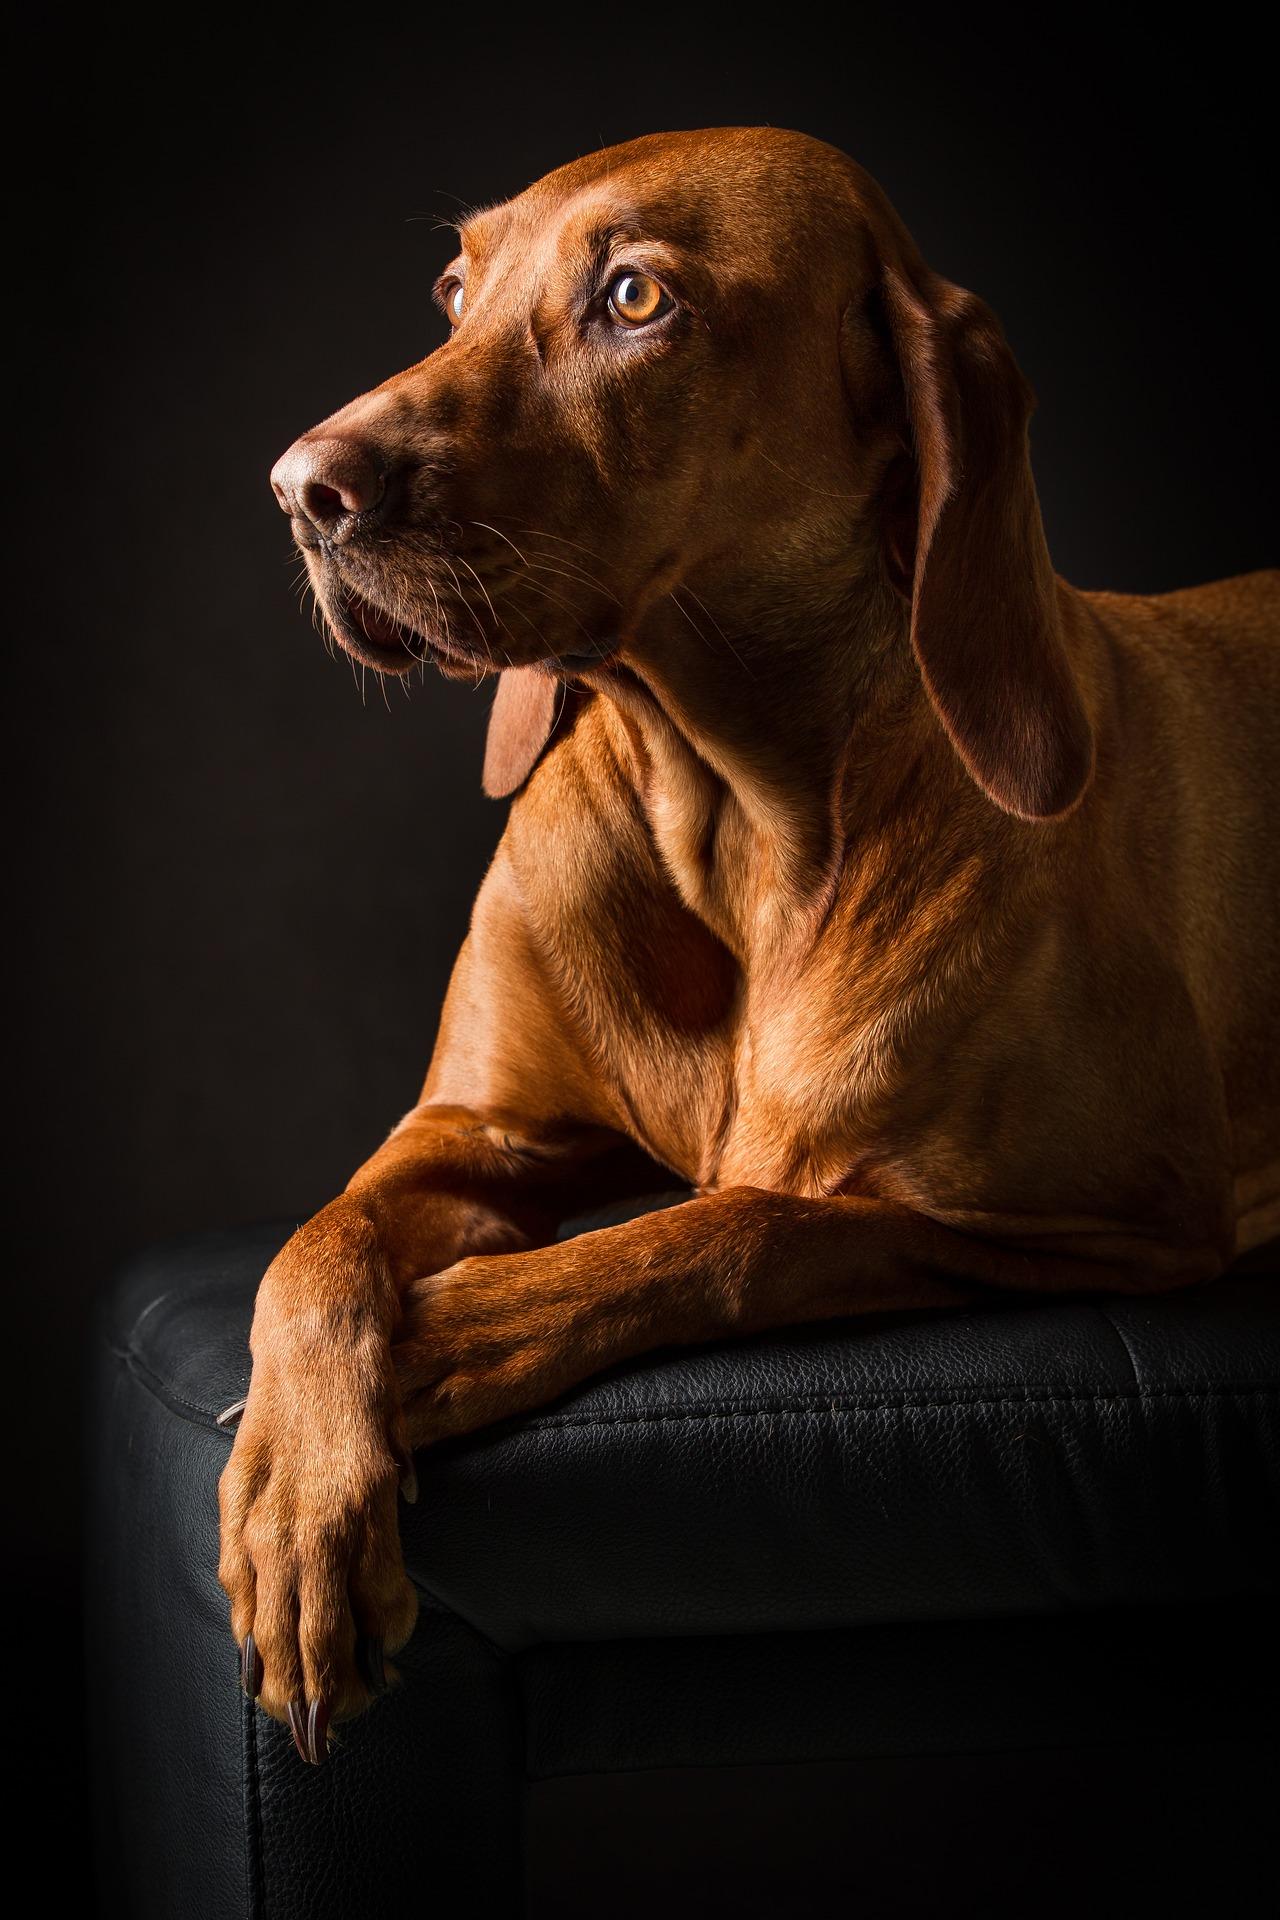 Jak powinno wyglądać prawidłowe wychowanie psa?